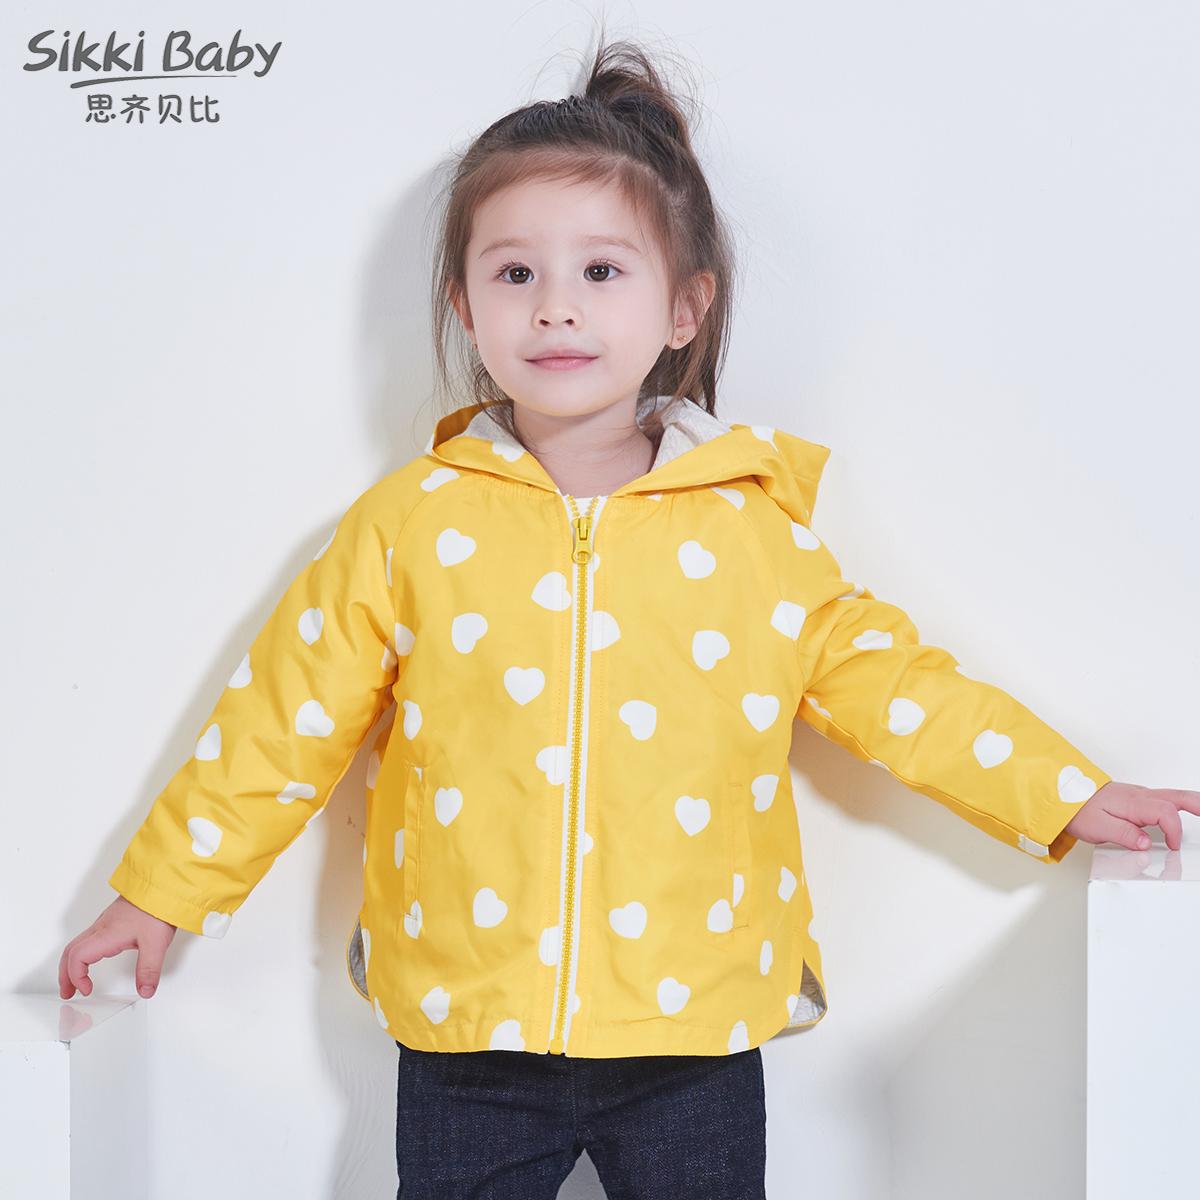 女童春秋装外套2018新款5儿童宝宝秋季洋气风衣小童婴儿上衣1-3岁